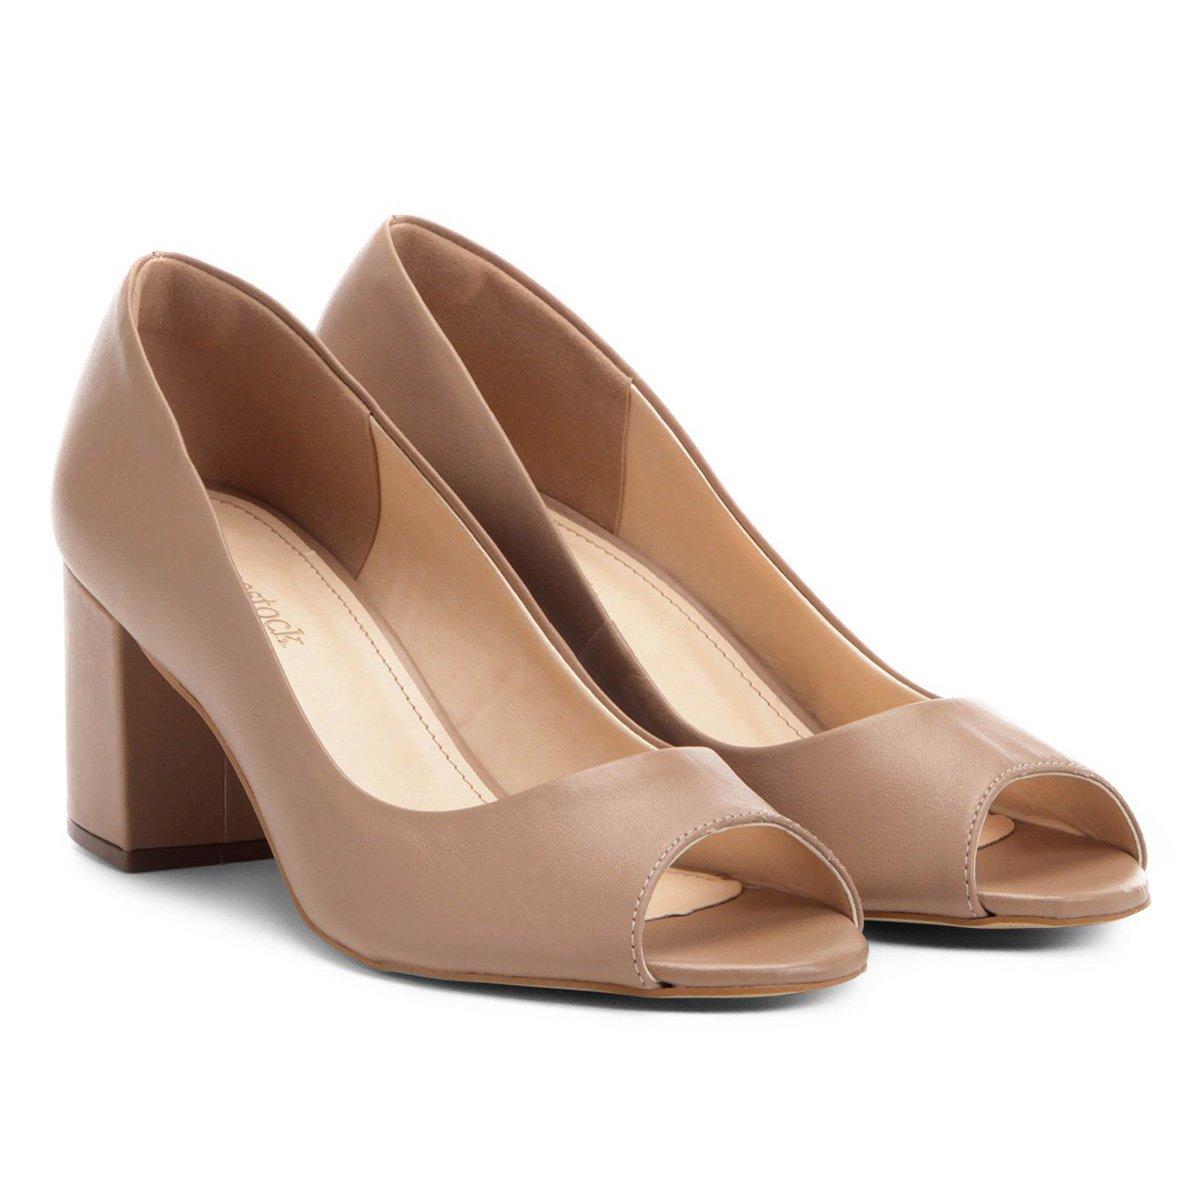 3d41bee66 Peep Toe Couro Shoestock Salto Grosso - Compre Agora